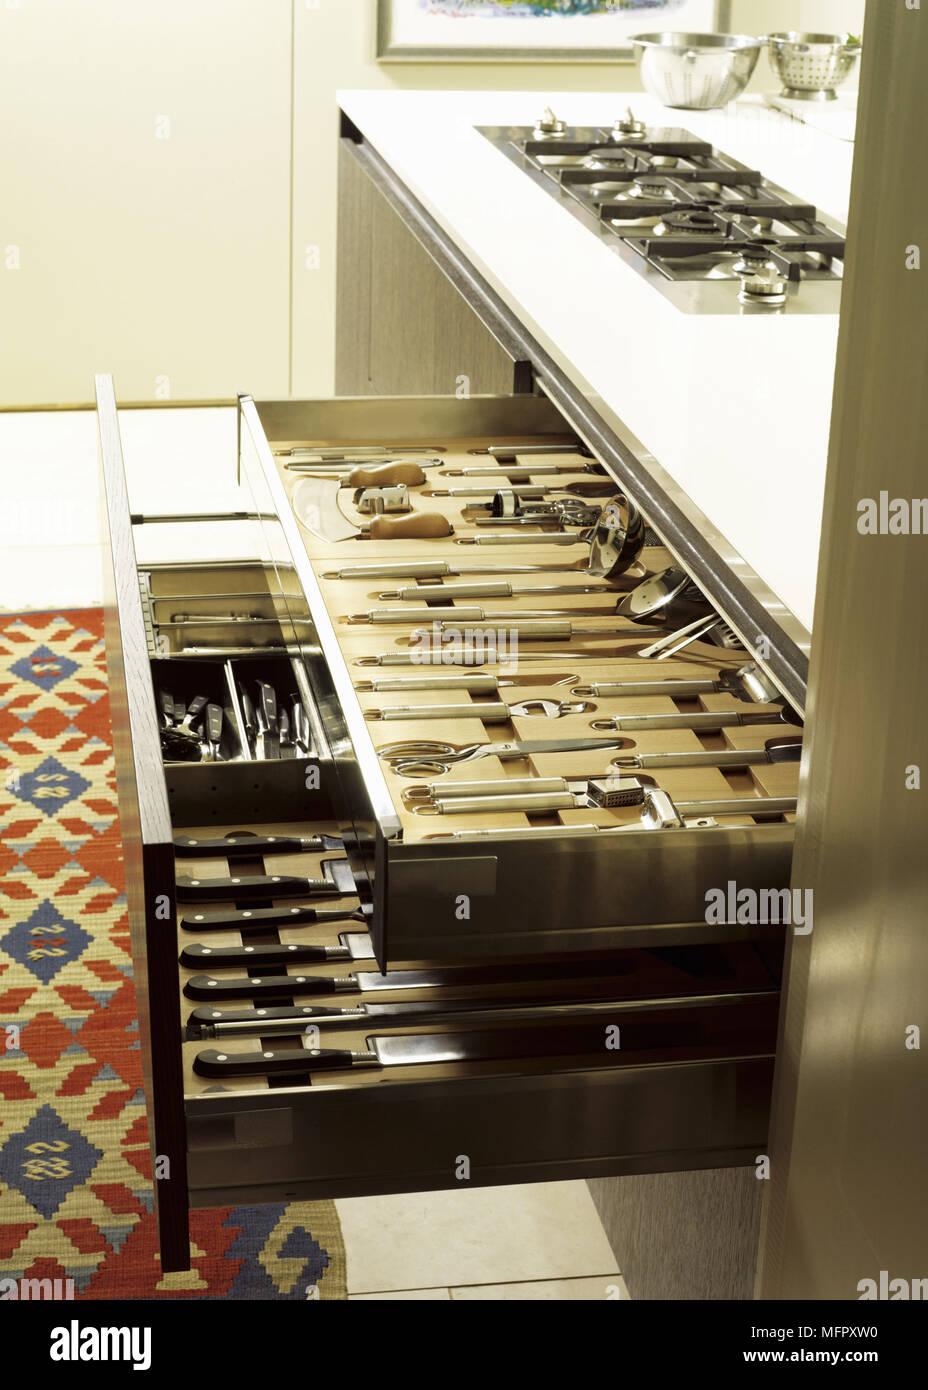 Besteck Schubladen Aufbewahrung Von Messern Und Kochgeschirr Offnen Stockfotografie Alamy